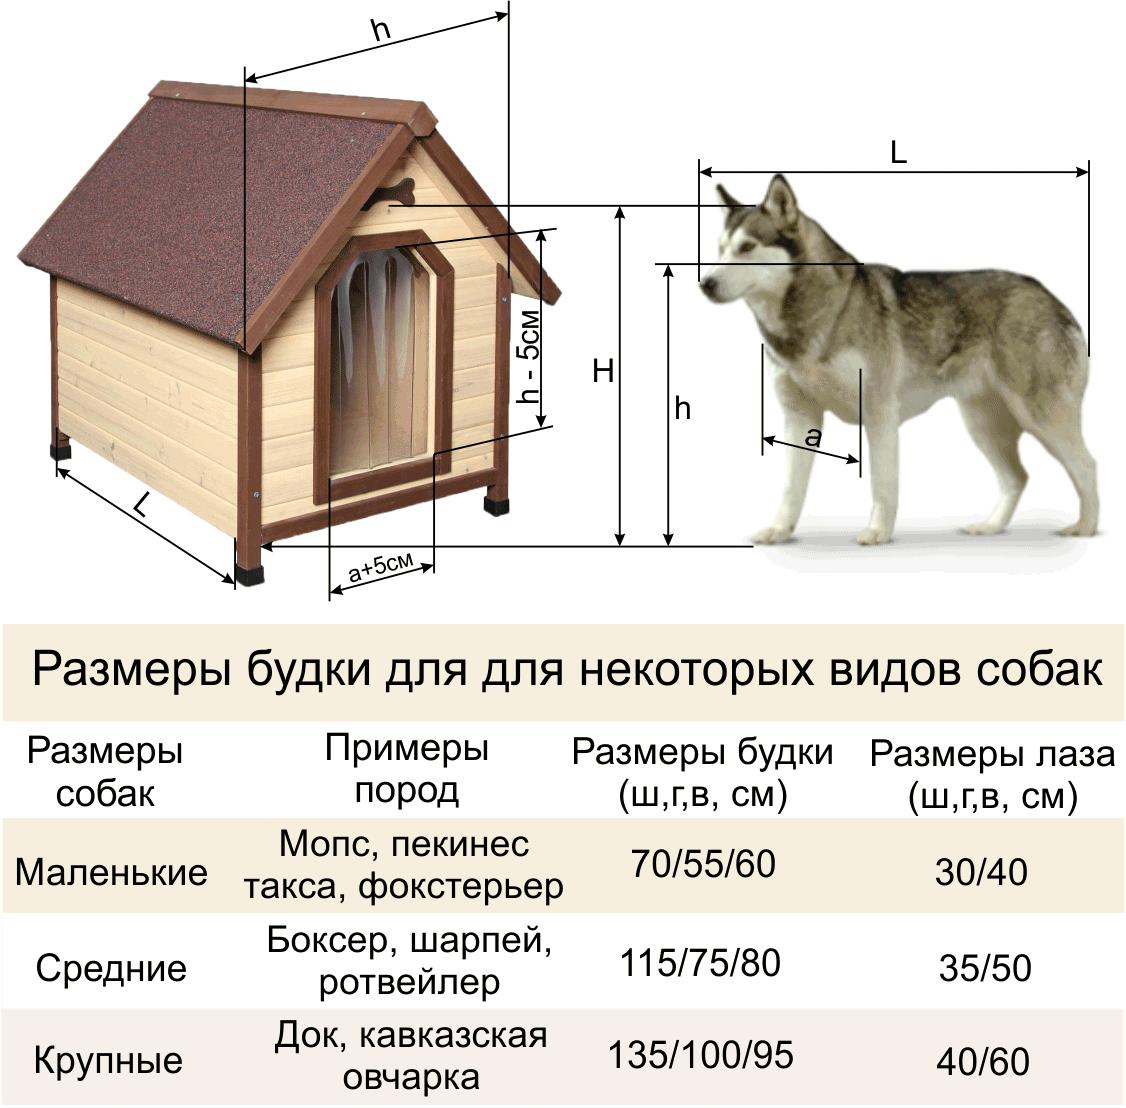 razmeri_budki_dlya_sobaki-1